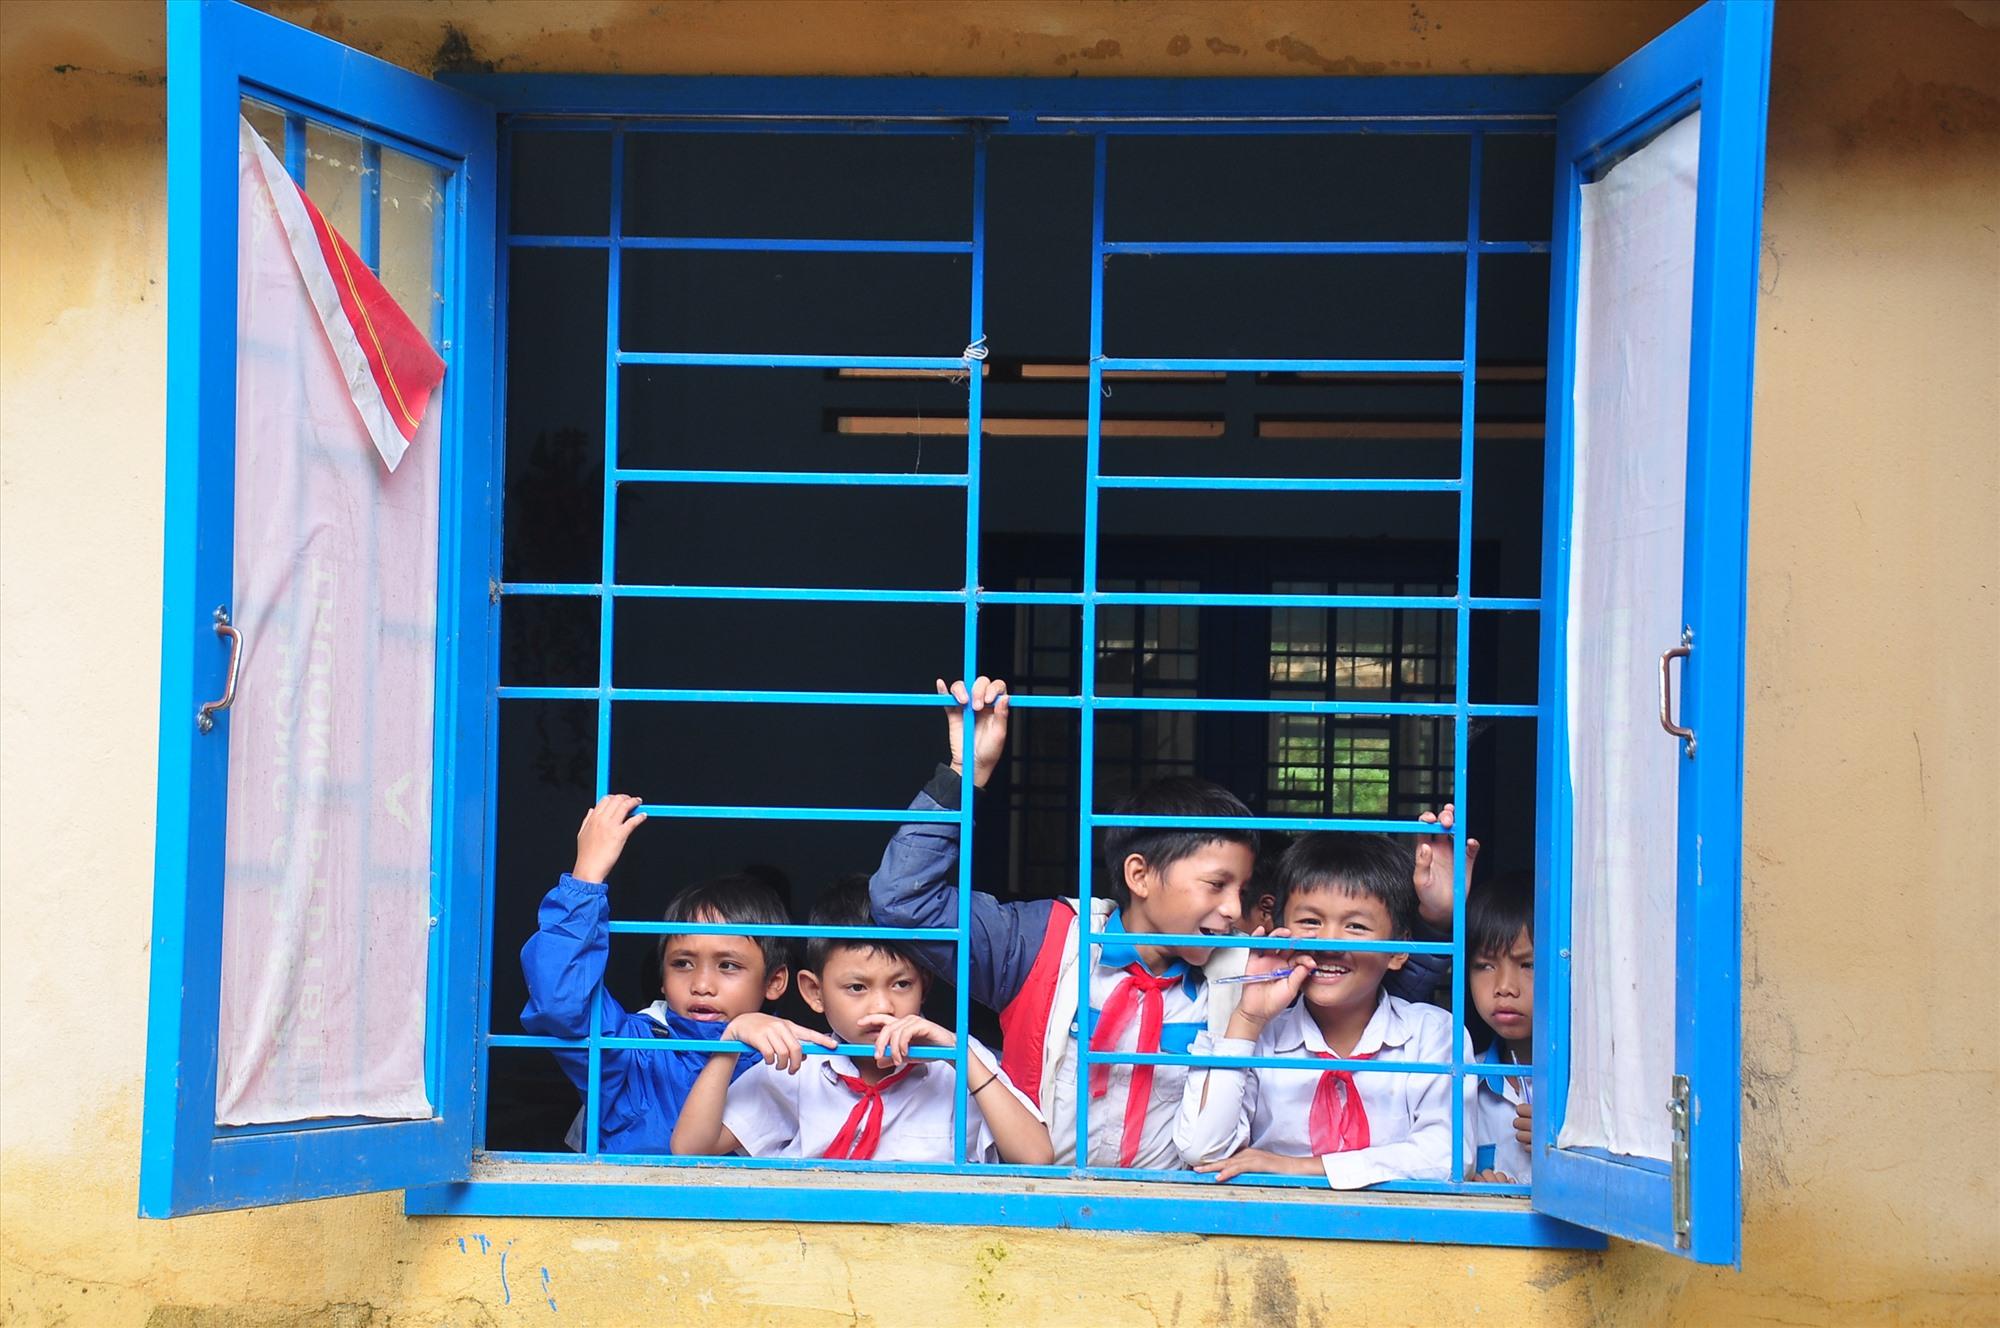 Trong khi đó, phía bên trong nhà trường, các em học sinh vui vẻ theo dõi hoạt động của lực lượng tình nguyện trong giờ nghỉ. Ảnh: VINH ANH